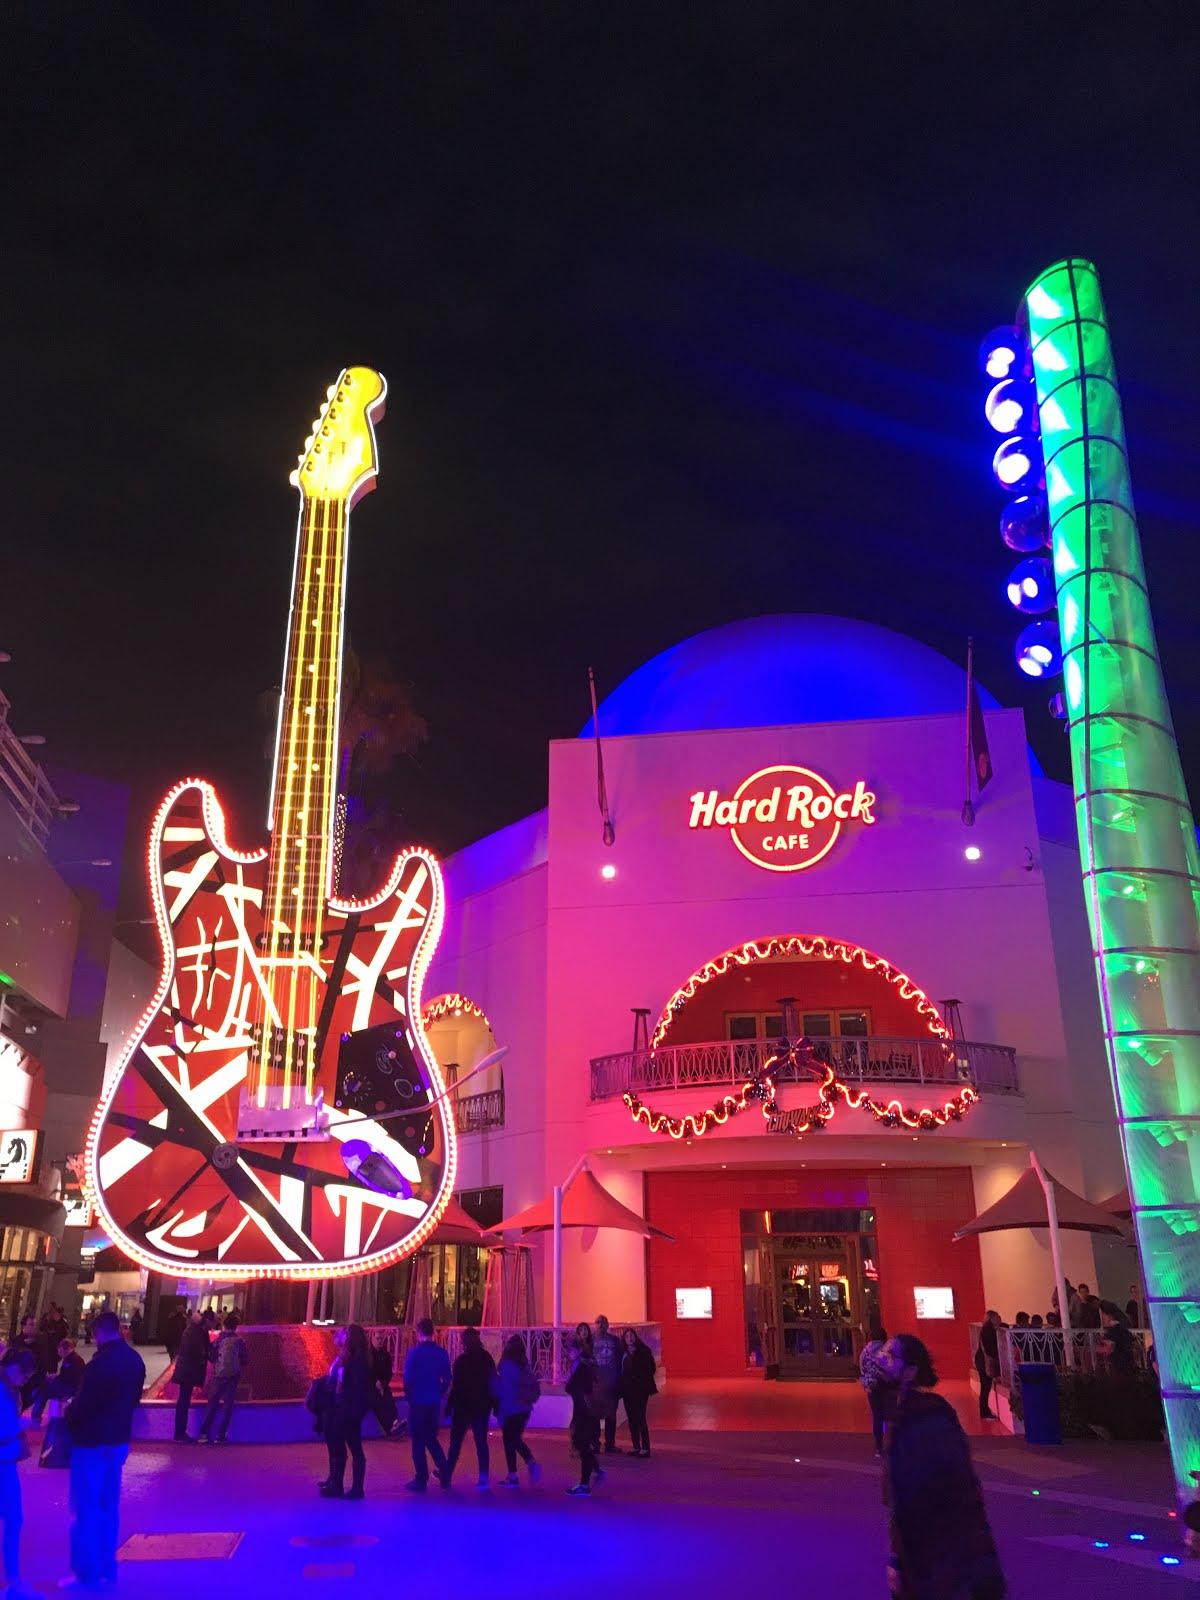 Hard Rock Cafe Los Angeles Parking